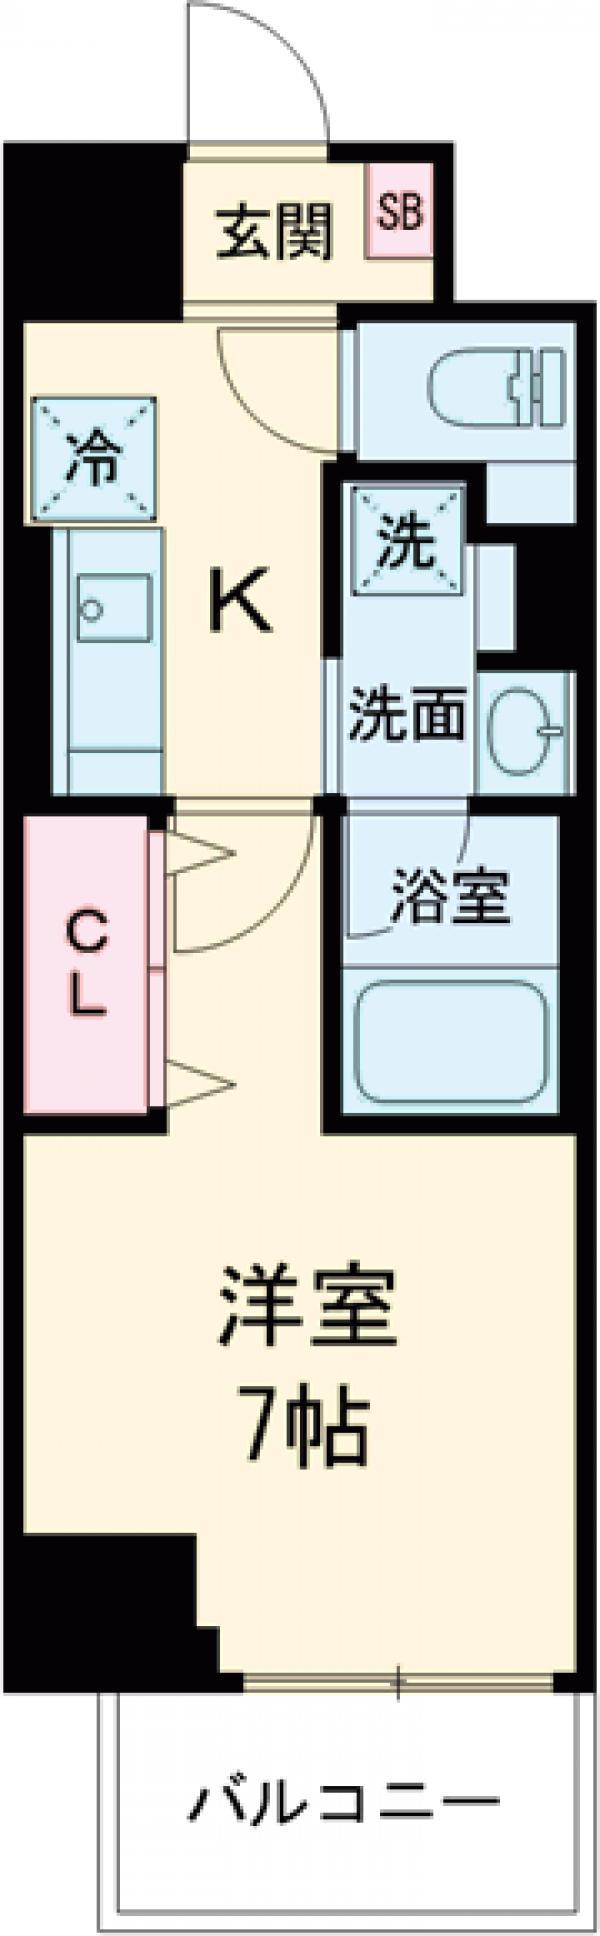 ロイジェント上野桜木・504号室の間取り